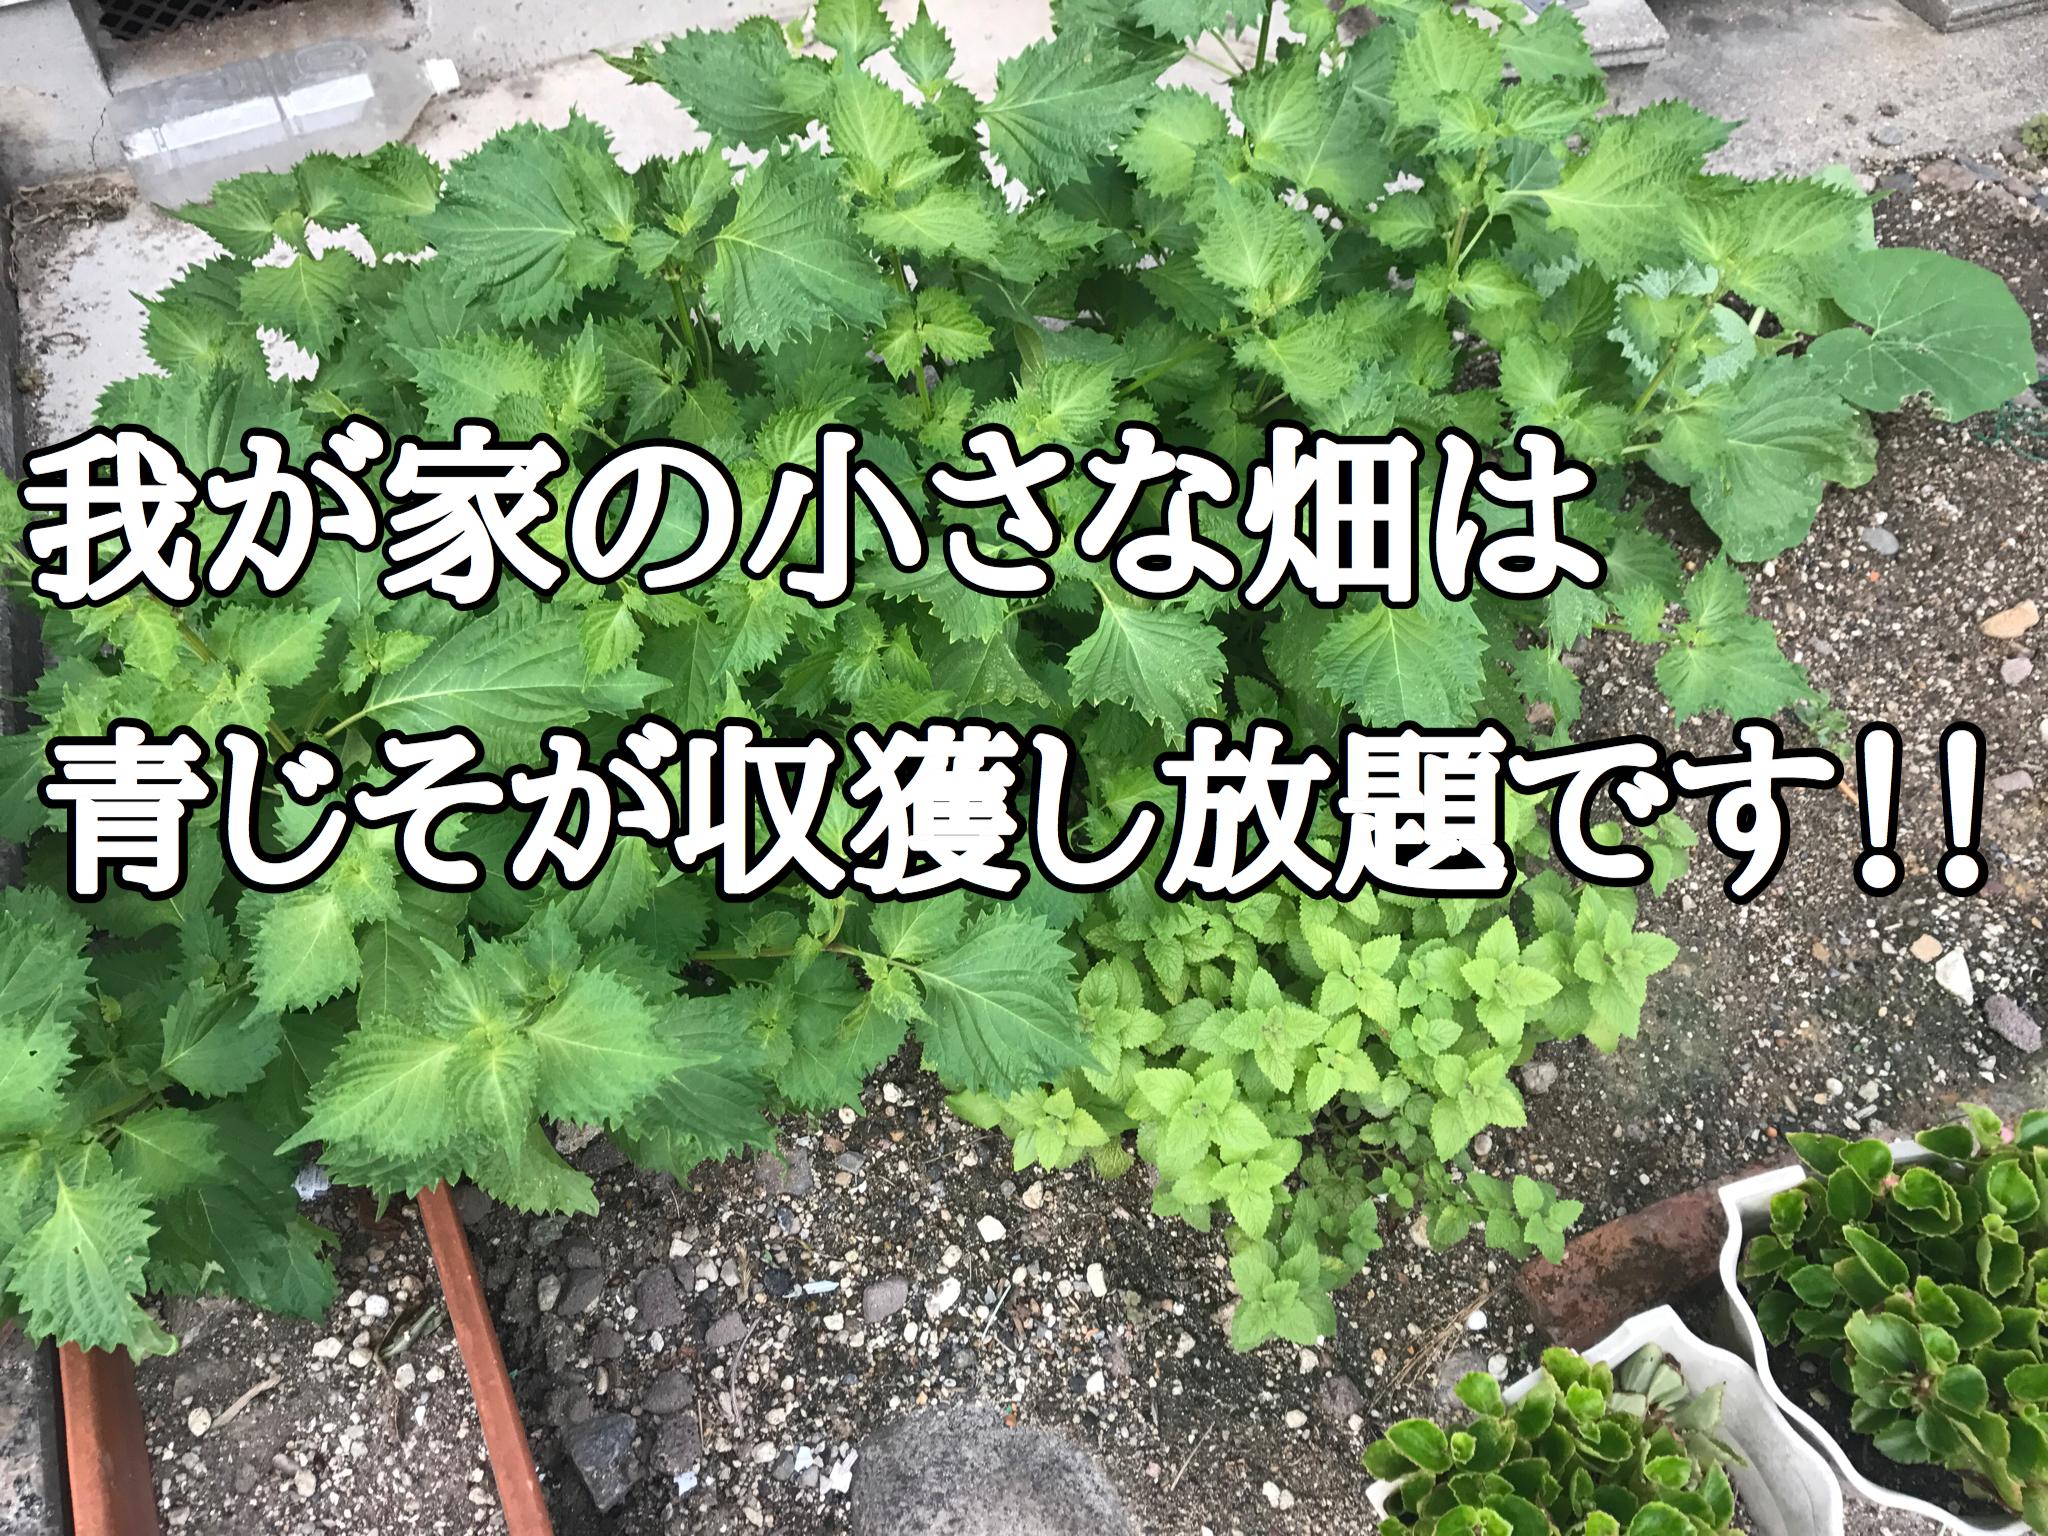 我が家の家庭菜園の今をお伝えします